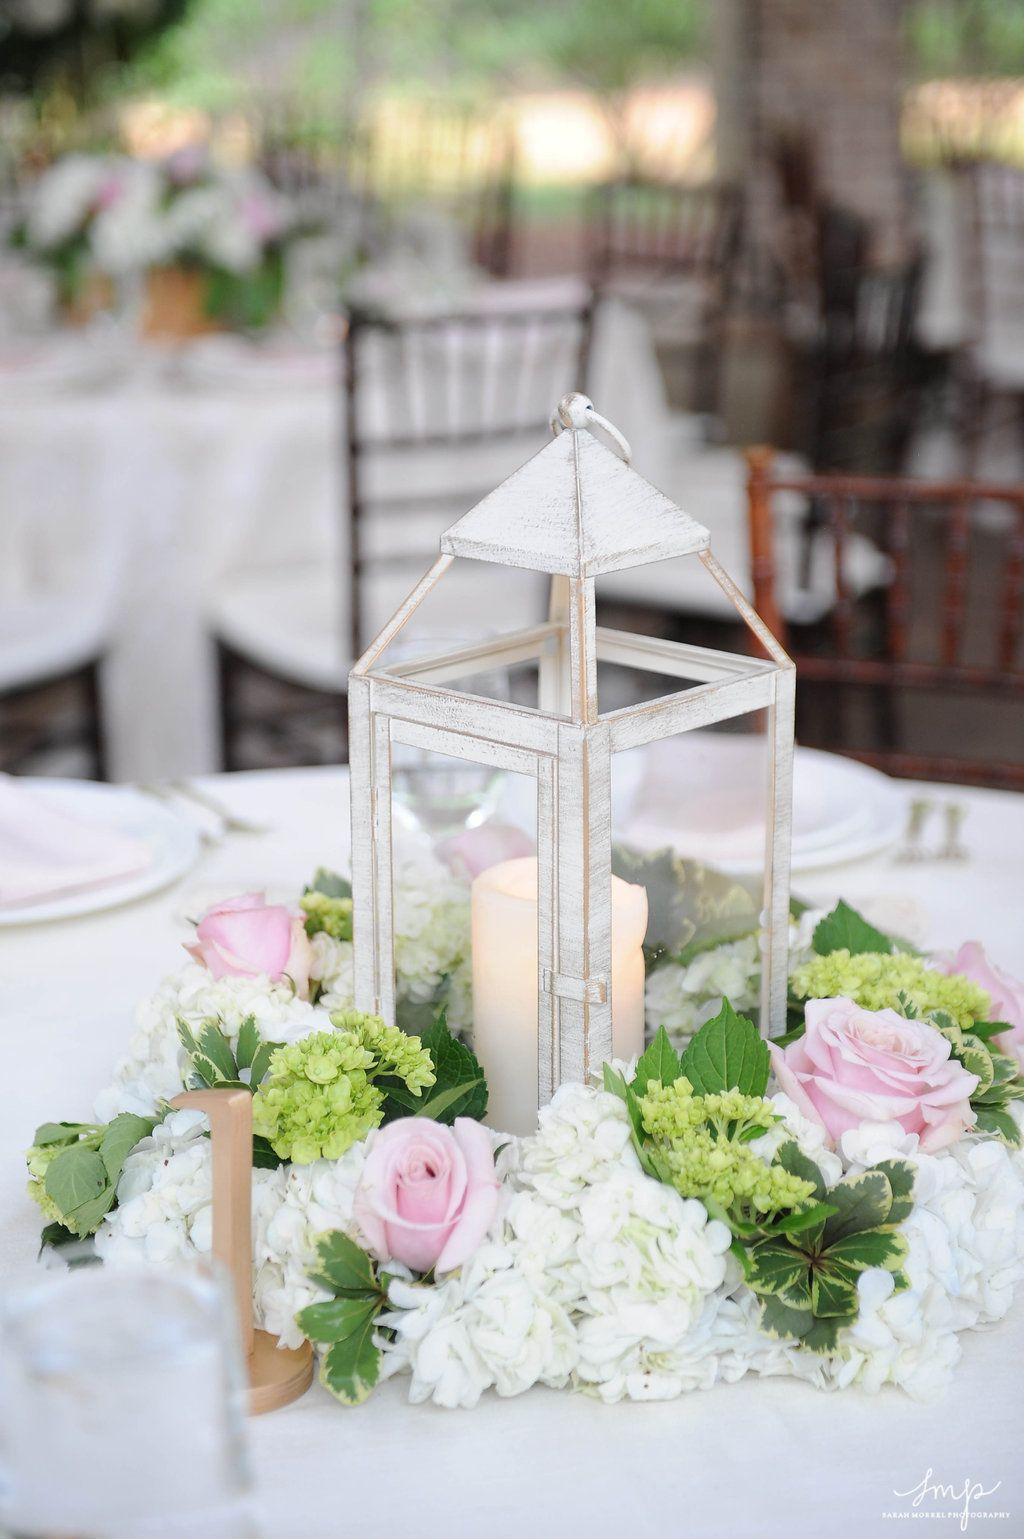 Lantern Centerpiece | Our Wedding | Pinterest | Lantern centerpieces ...